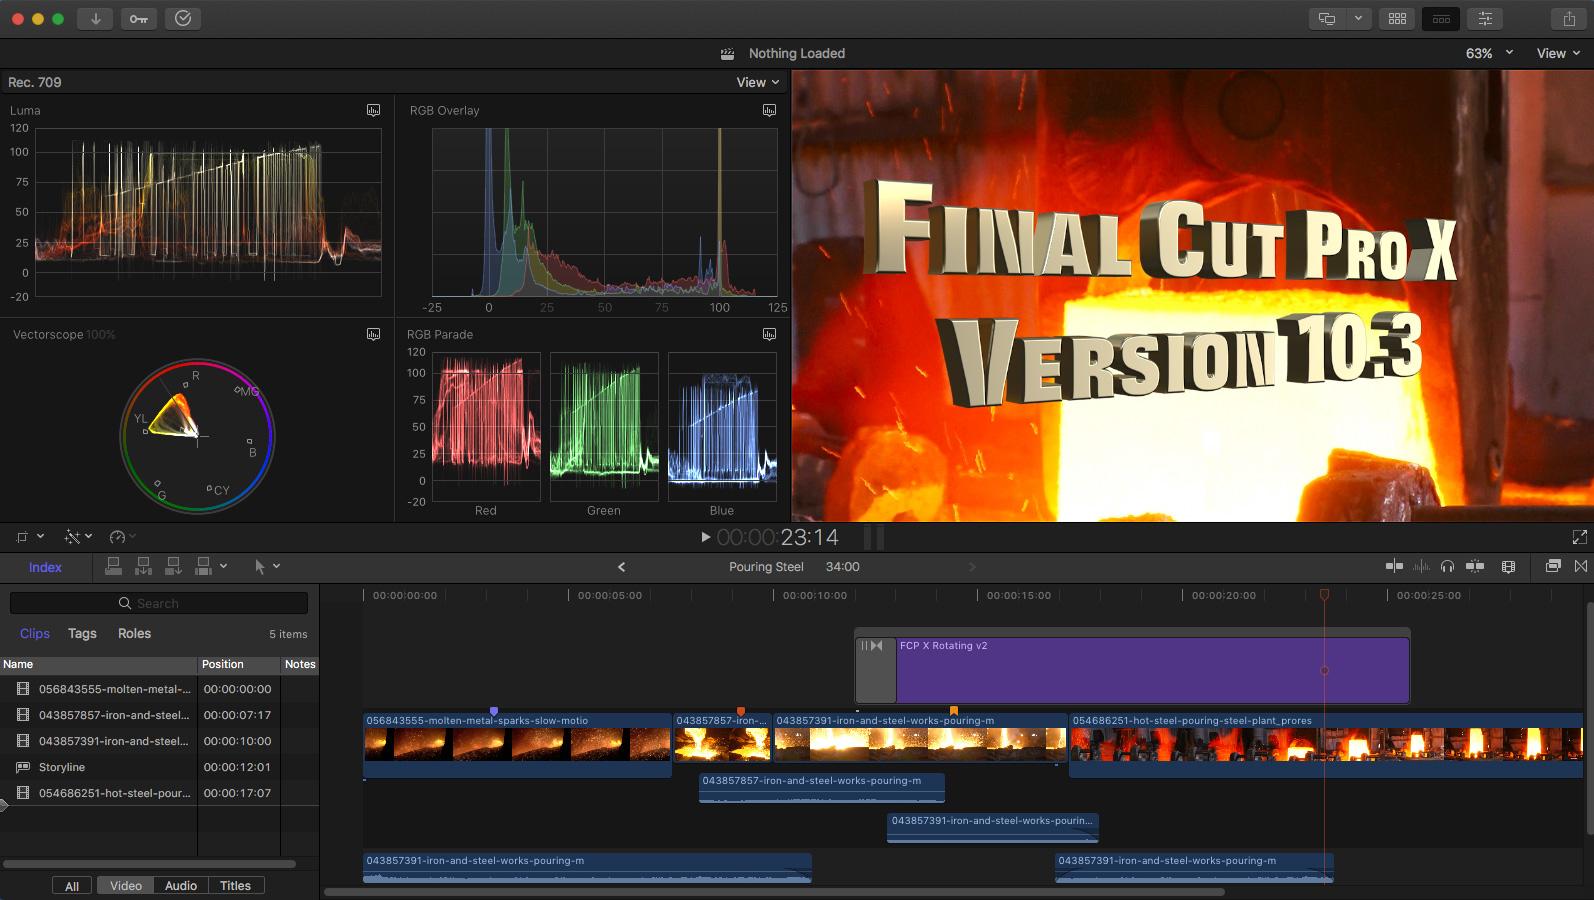 fcpx_103_image Final Cut Pro X 10.3